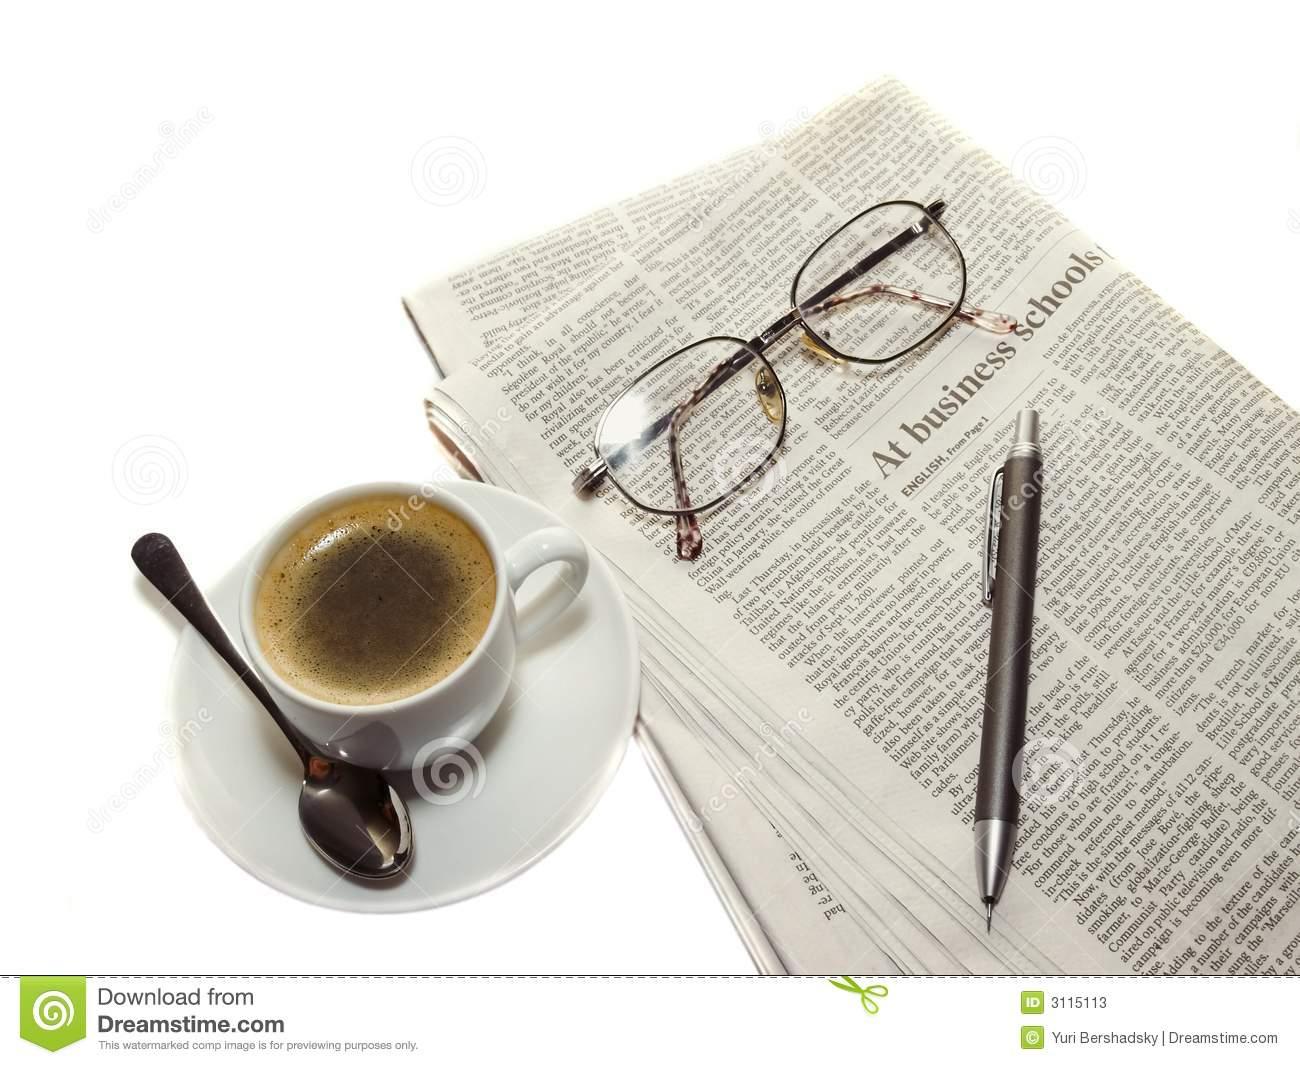 Uncategorized archives c line carsalade avocat st barth fwi droit des af - Le journal de saint barth ...